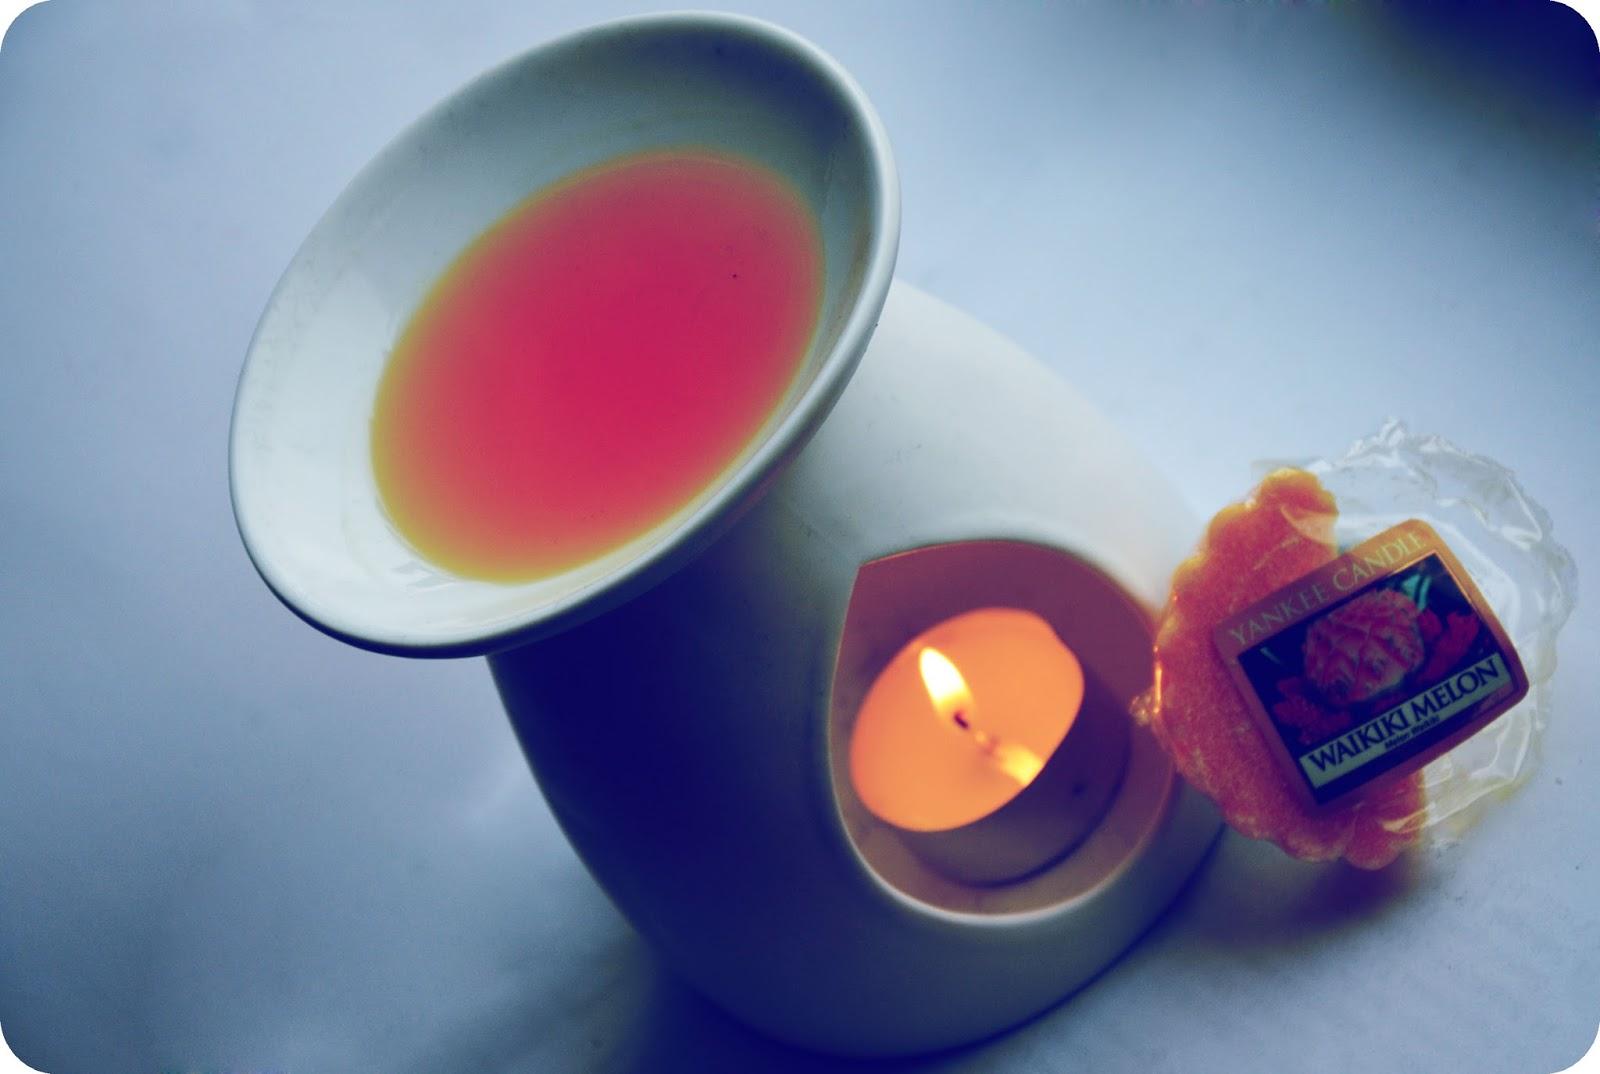 waikiki-melon-yankee-candle